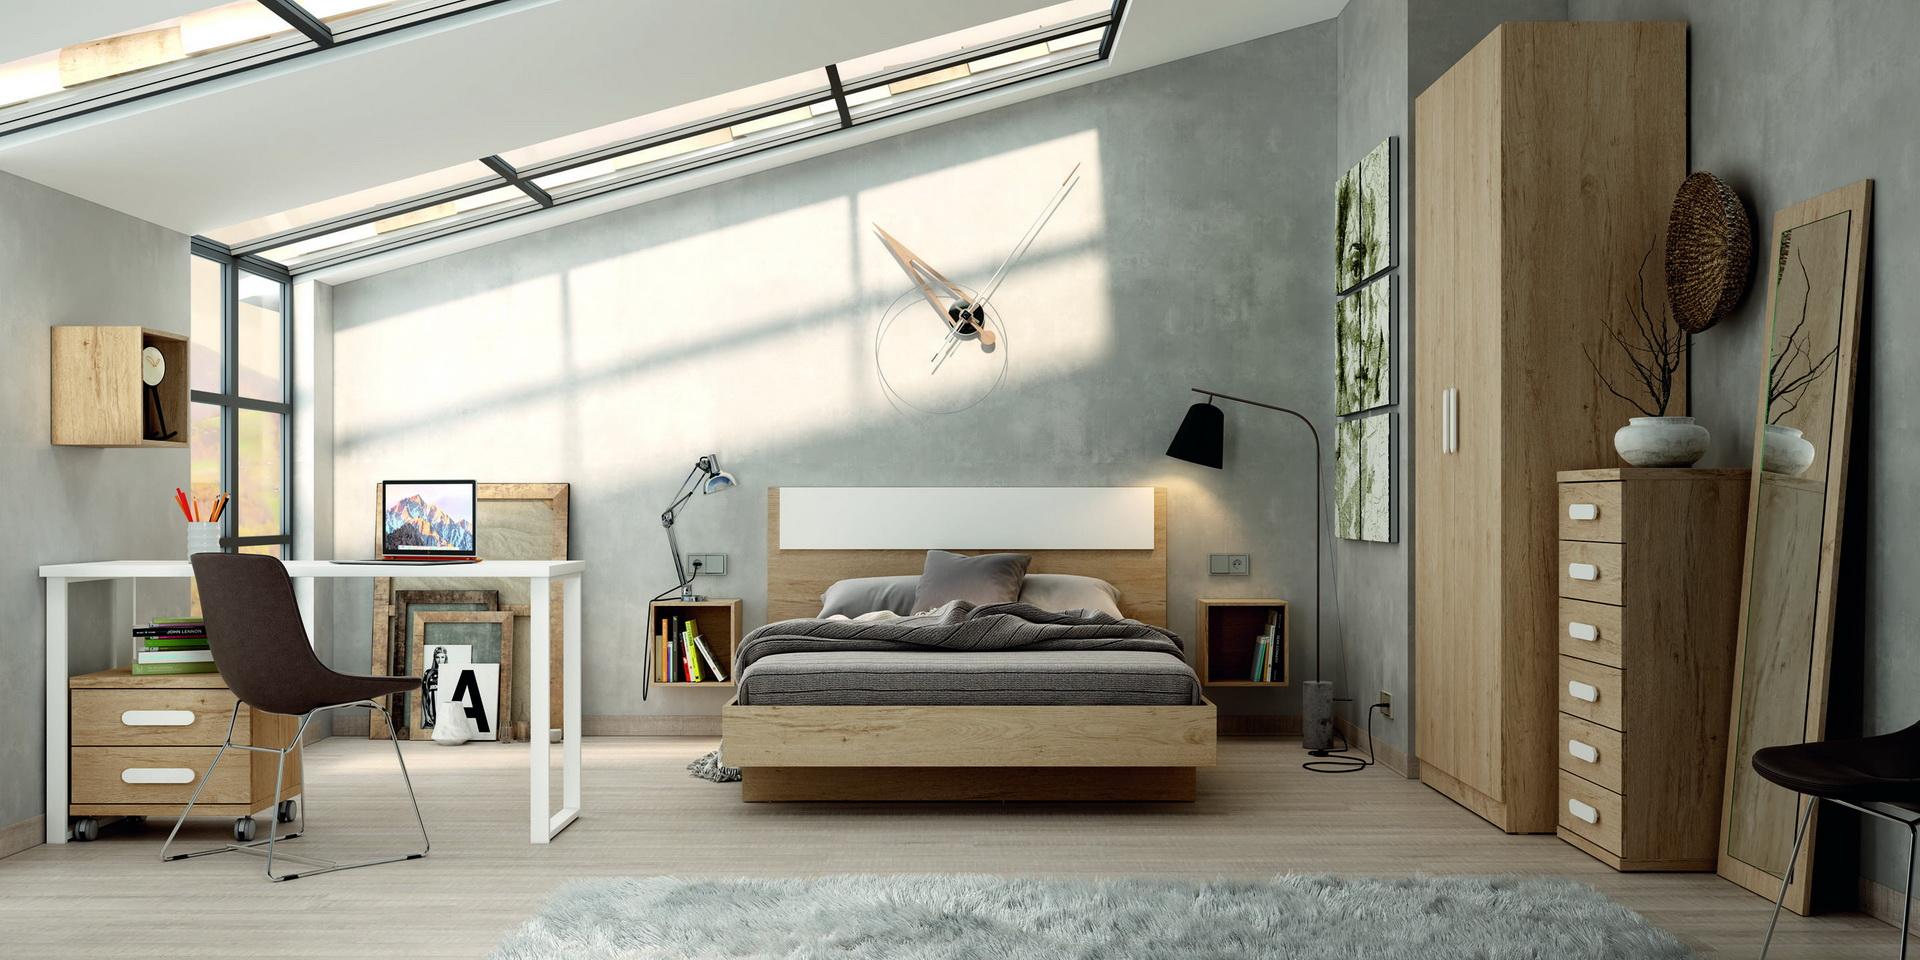 Camas grandes Juvenil LIDER by Azor 040 en muebles antoñán® León